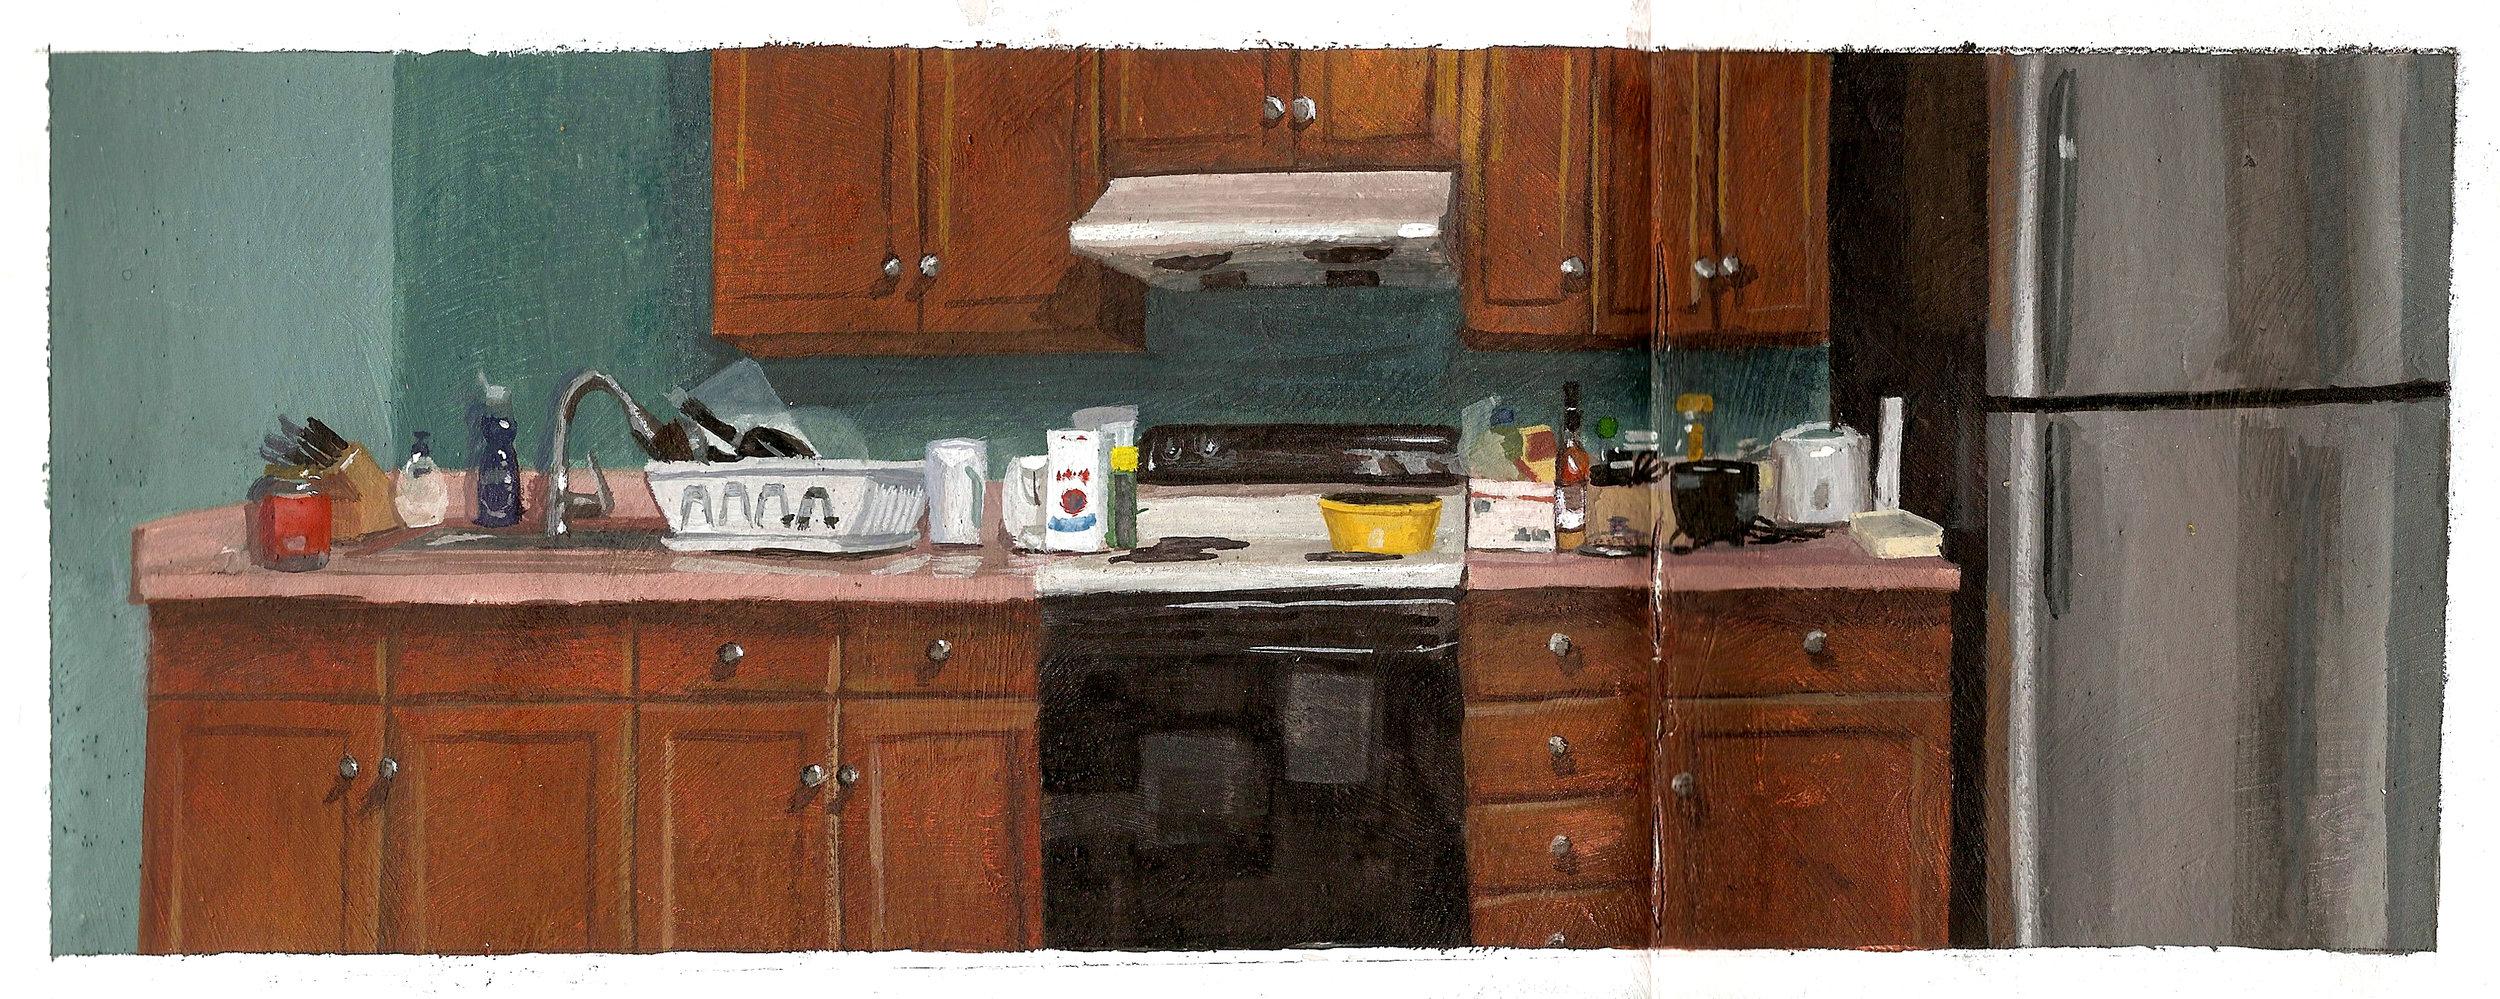 dapur.jpg